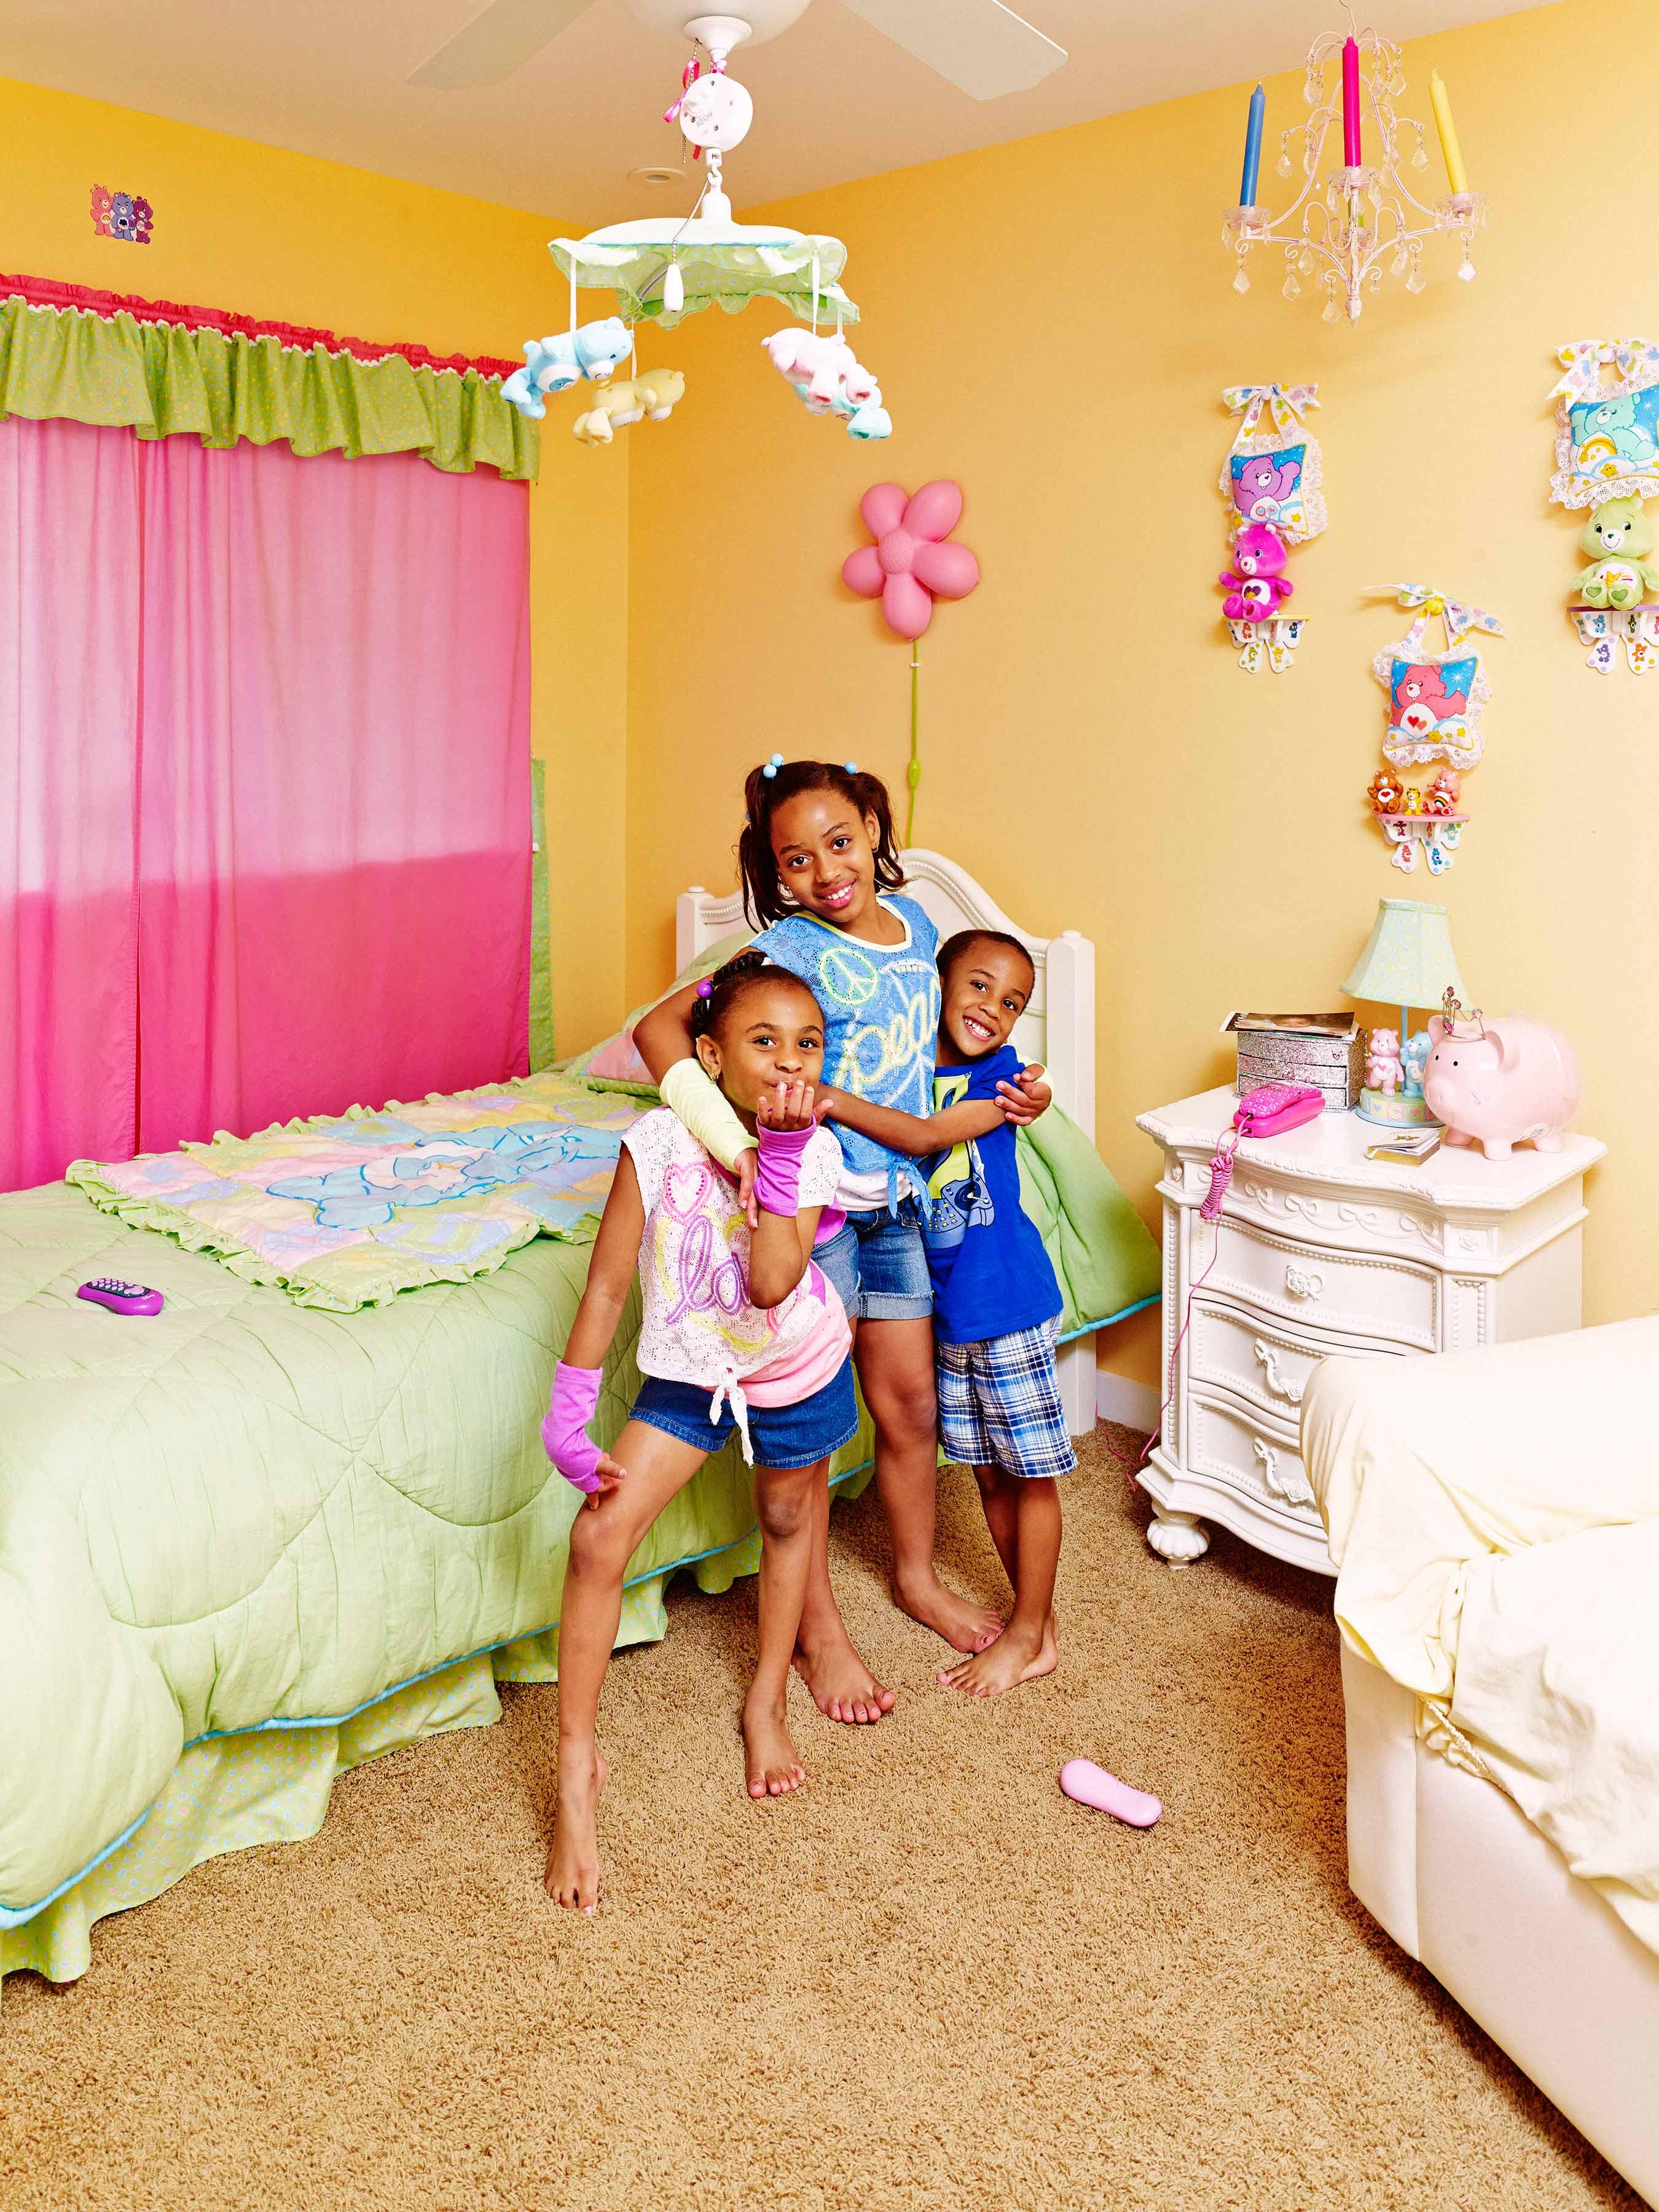 Archie's grandkids Demori, 5, Kaleah, 8, andDalonté, 4.